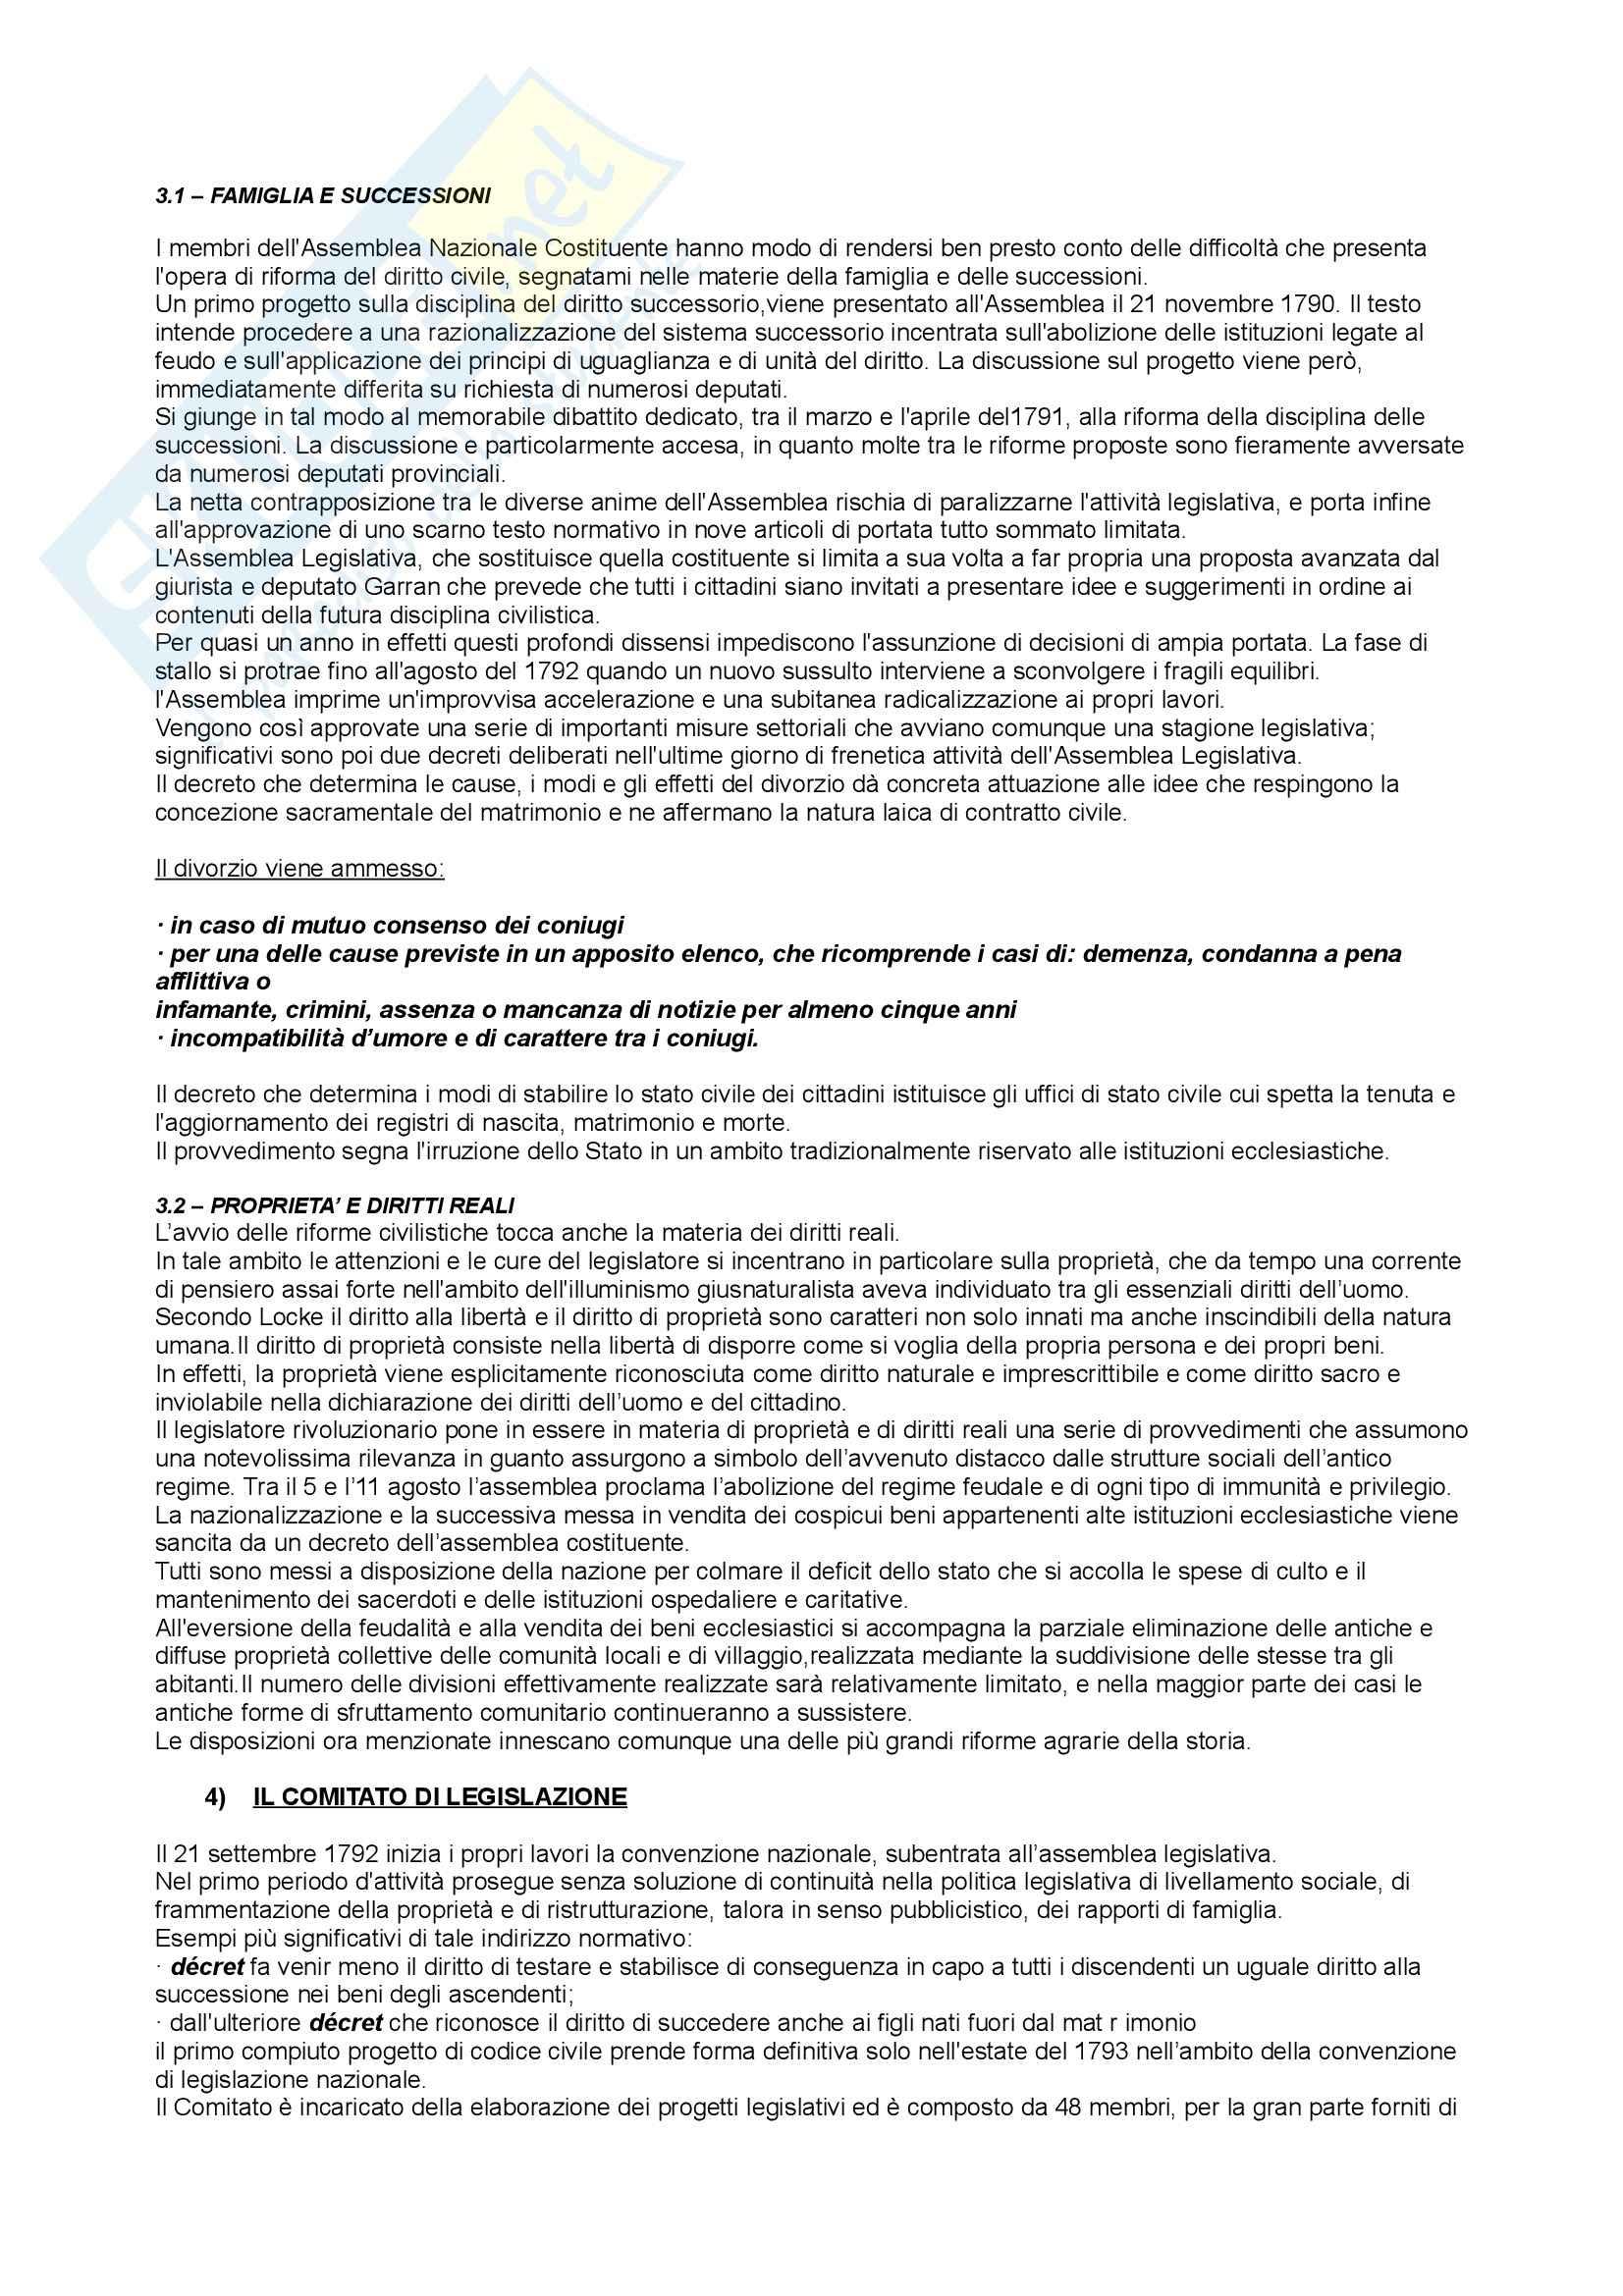 Storia del diritto medievale e moderno -  modelli giuridici a confronto Pag. 2